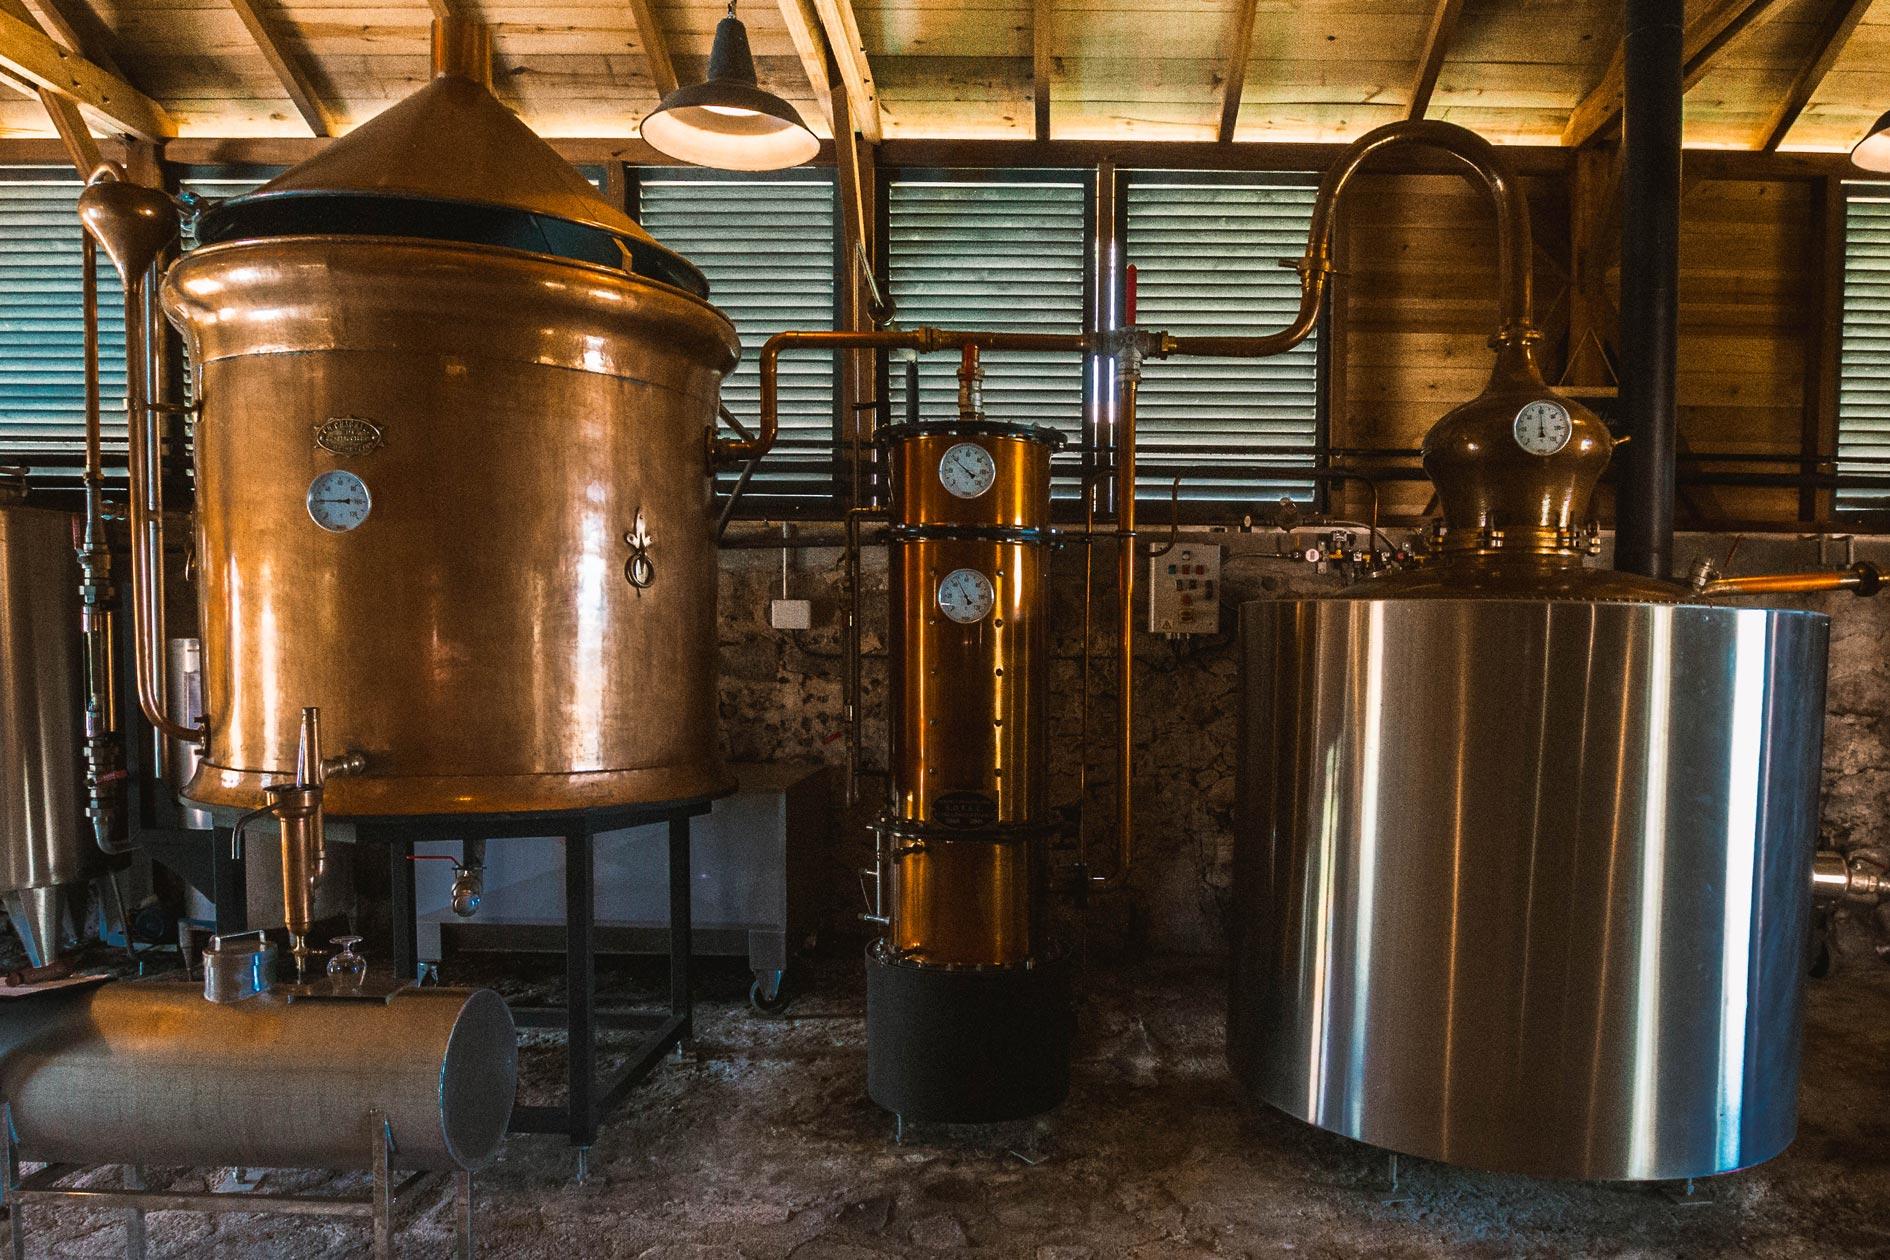 martinique, habitation du simon : la distillerie et son alambic en cuivre